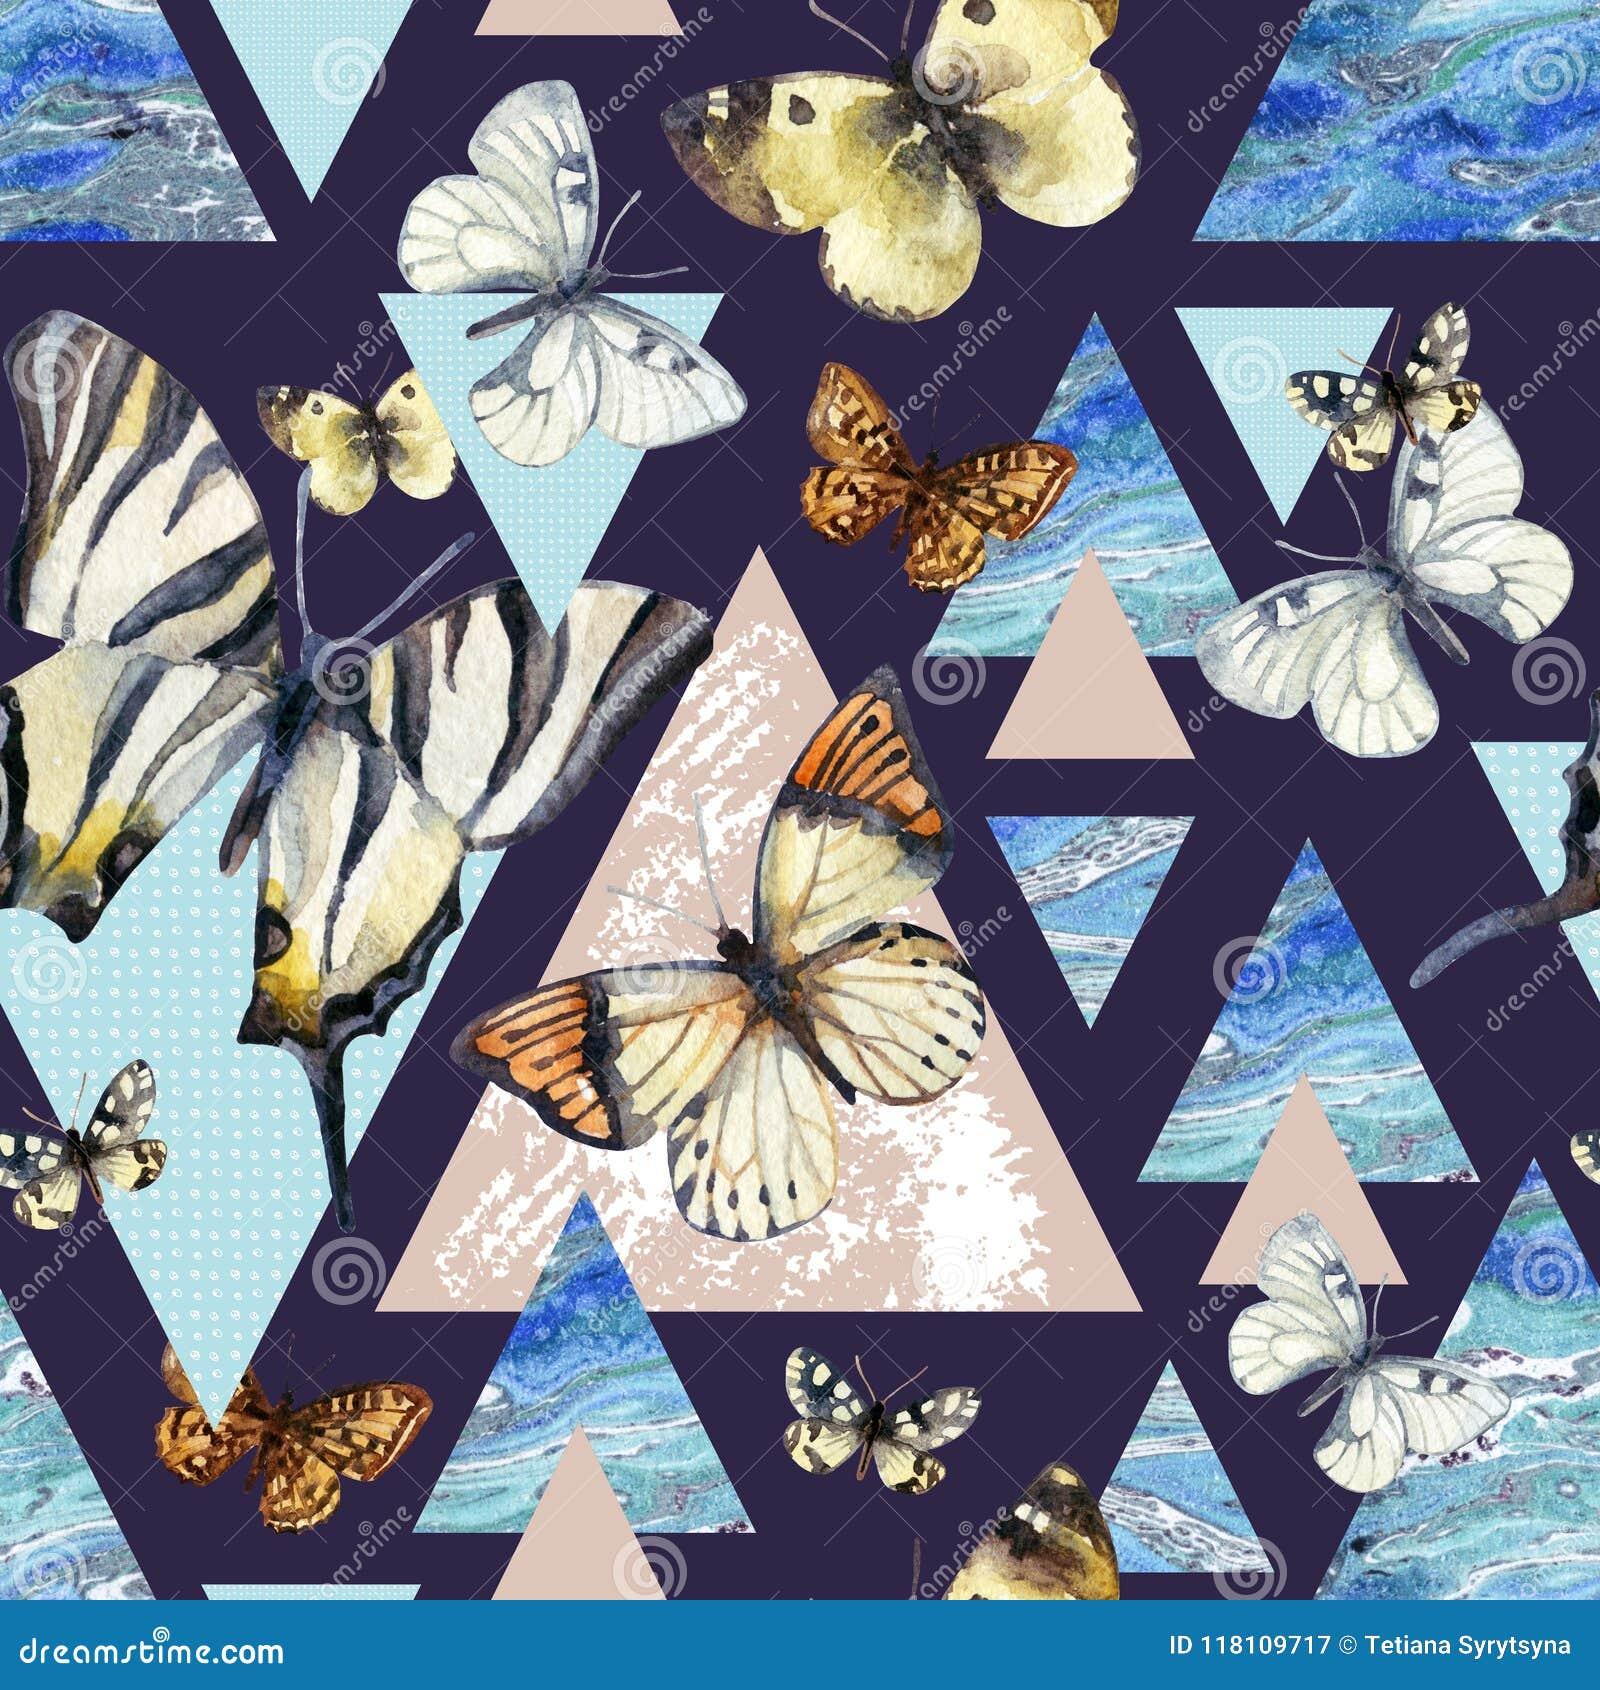 Waterverfdriehoeken met vlinder en marmeren grungetexturen